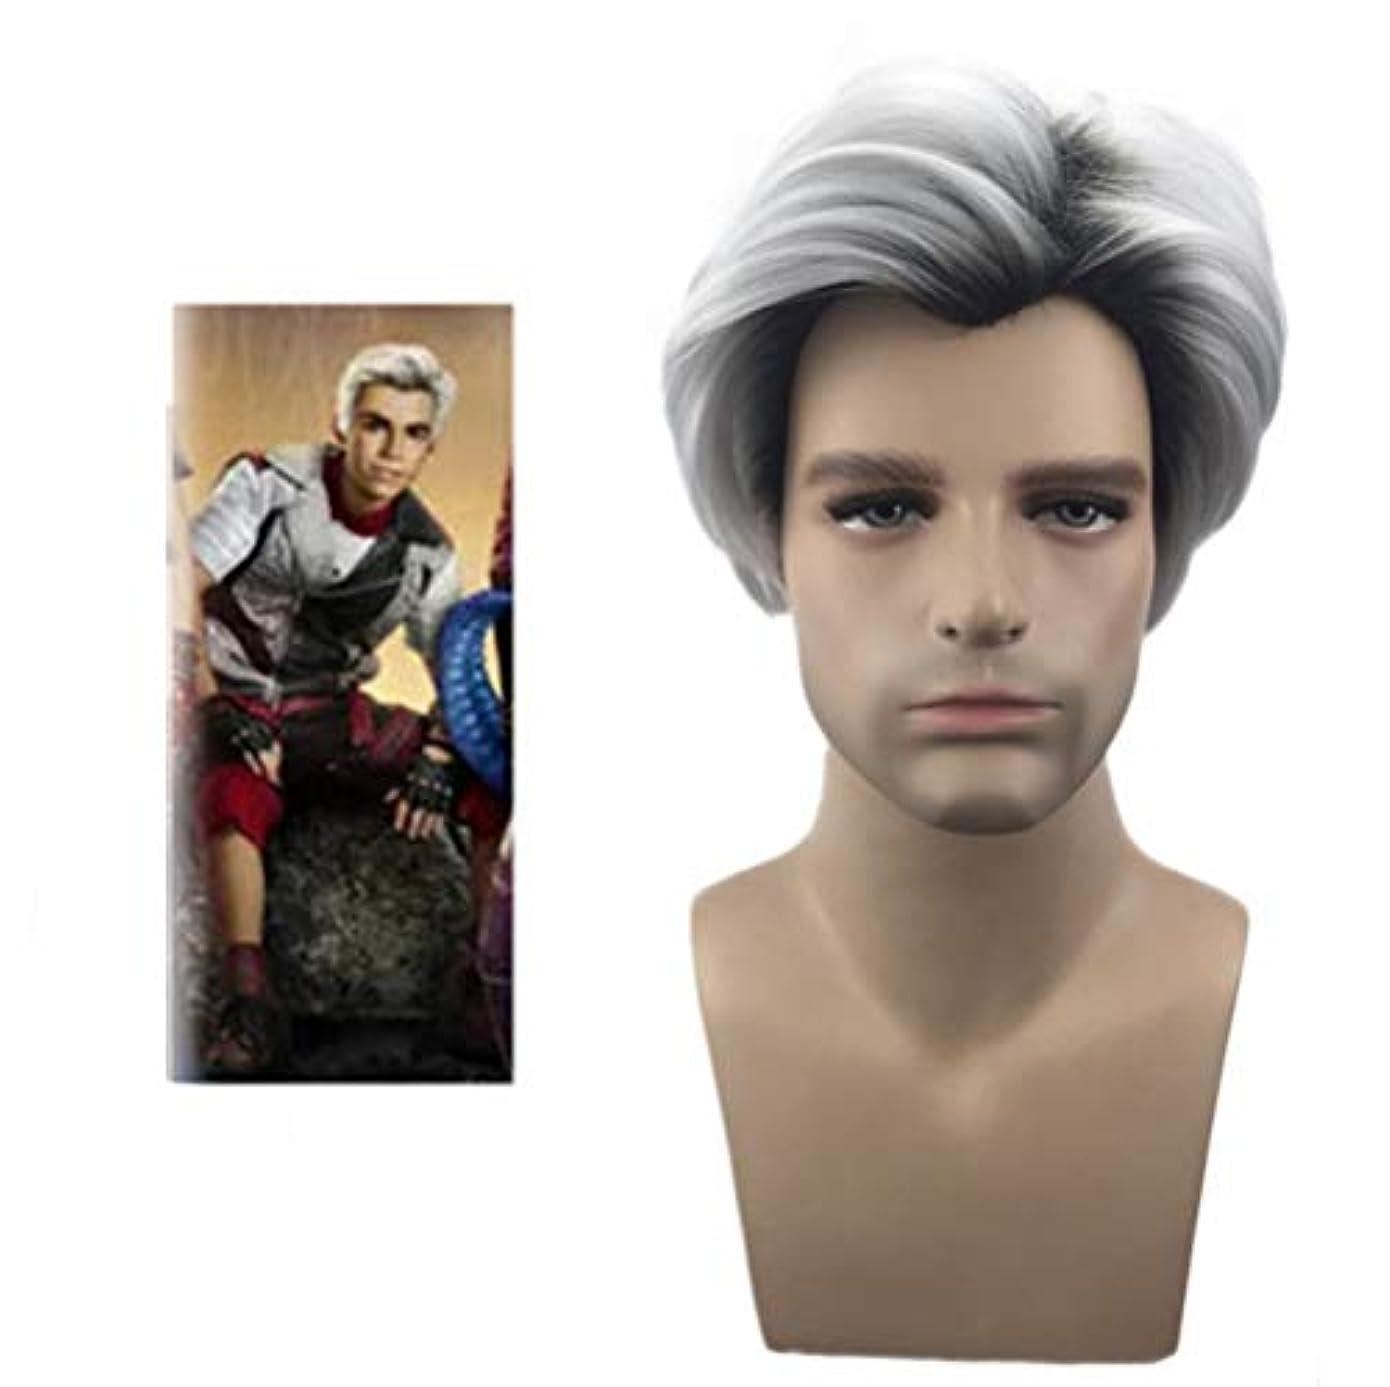 振り向く有益な猛烈な男性用かつら150%密度合成耐熱ショーツブラジル人毛ウィッグ黒根白髪28cm